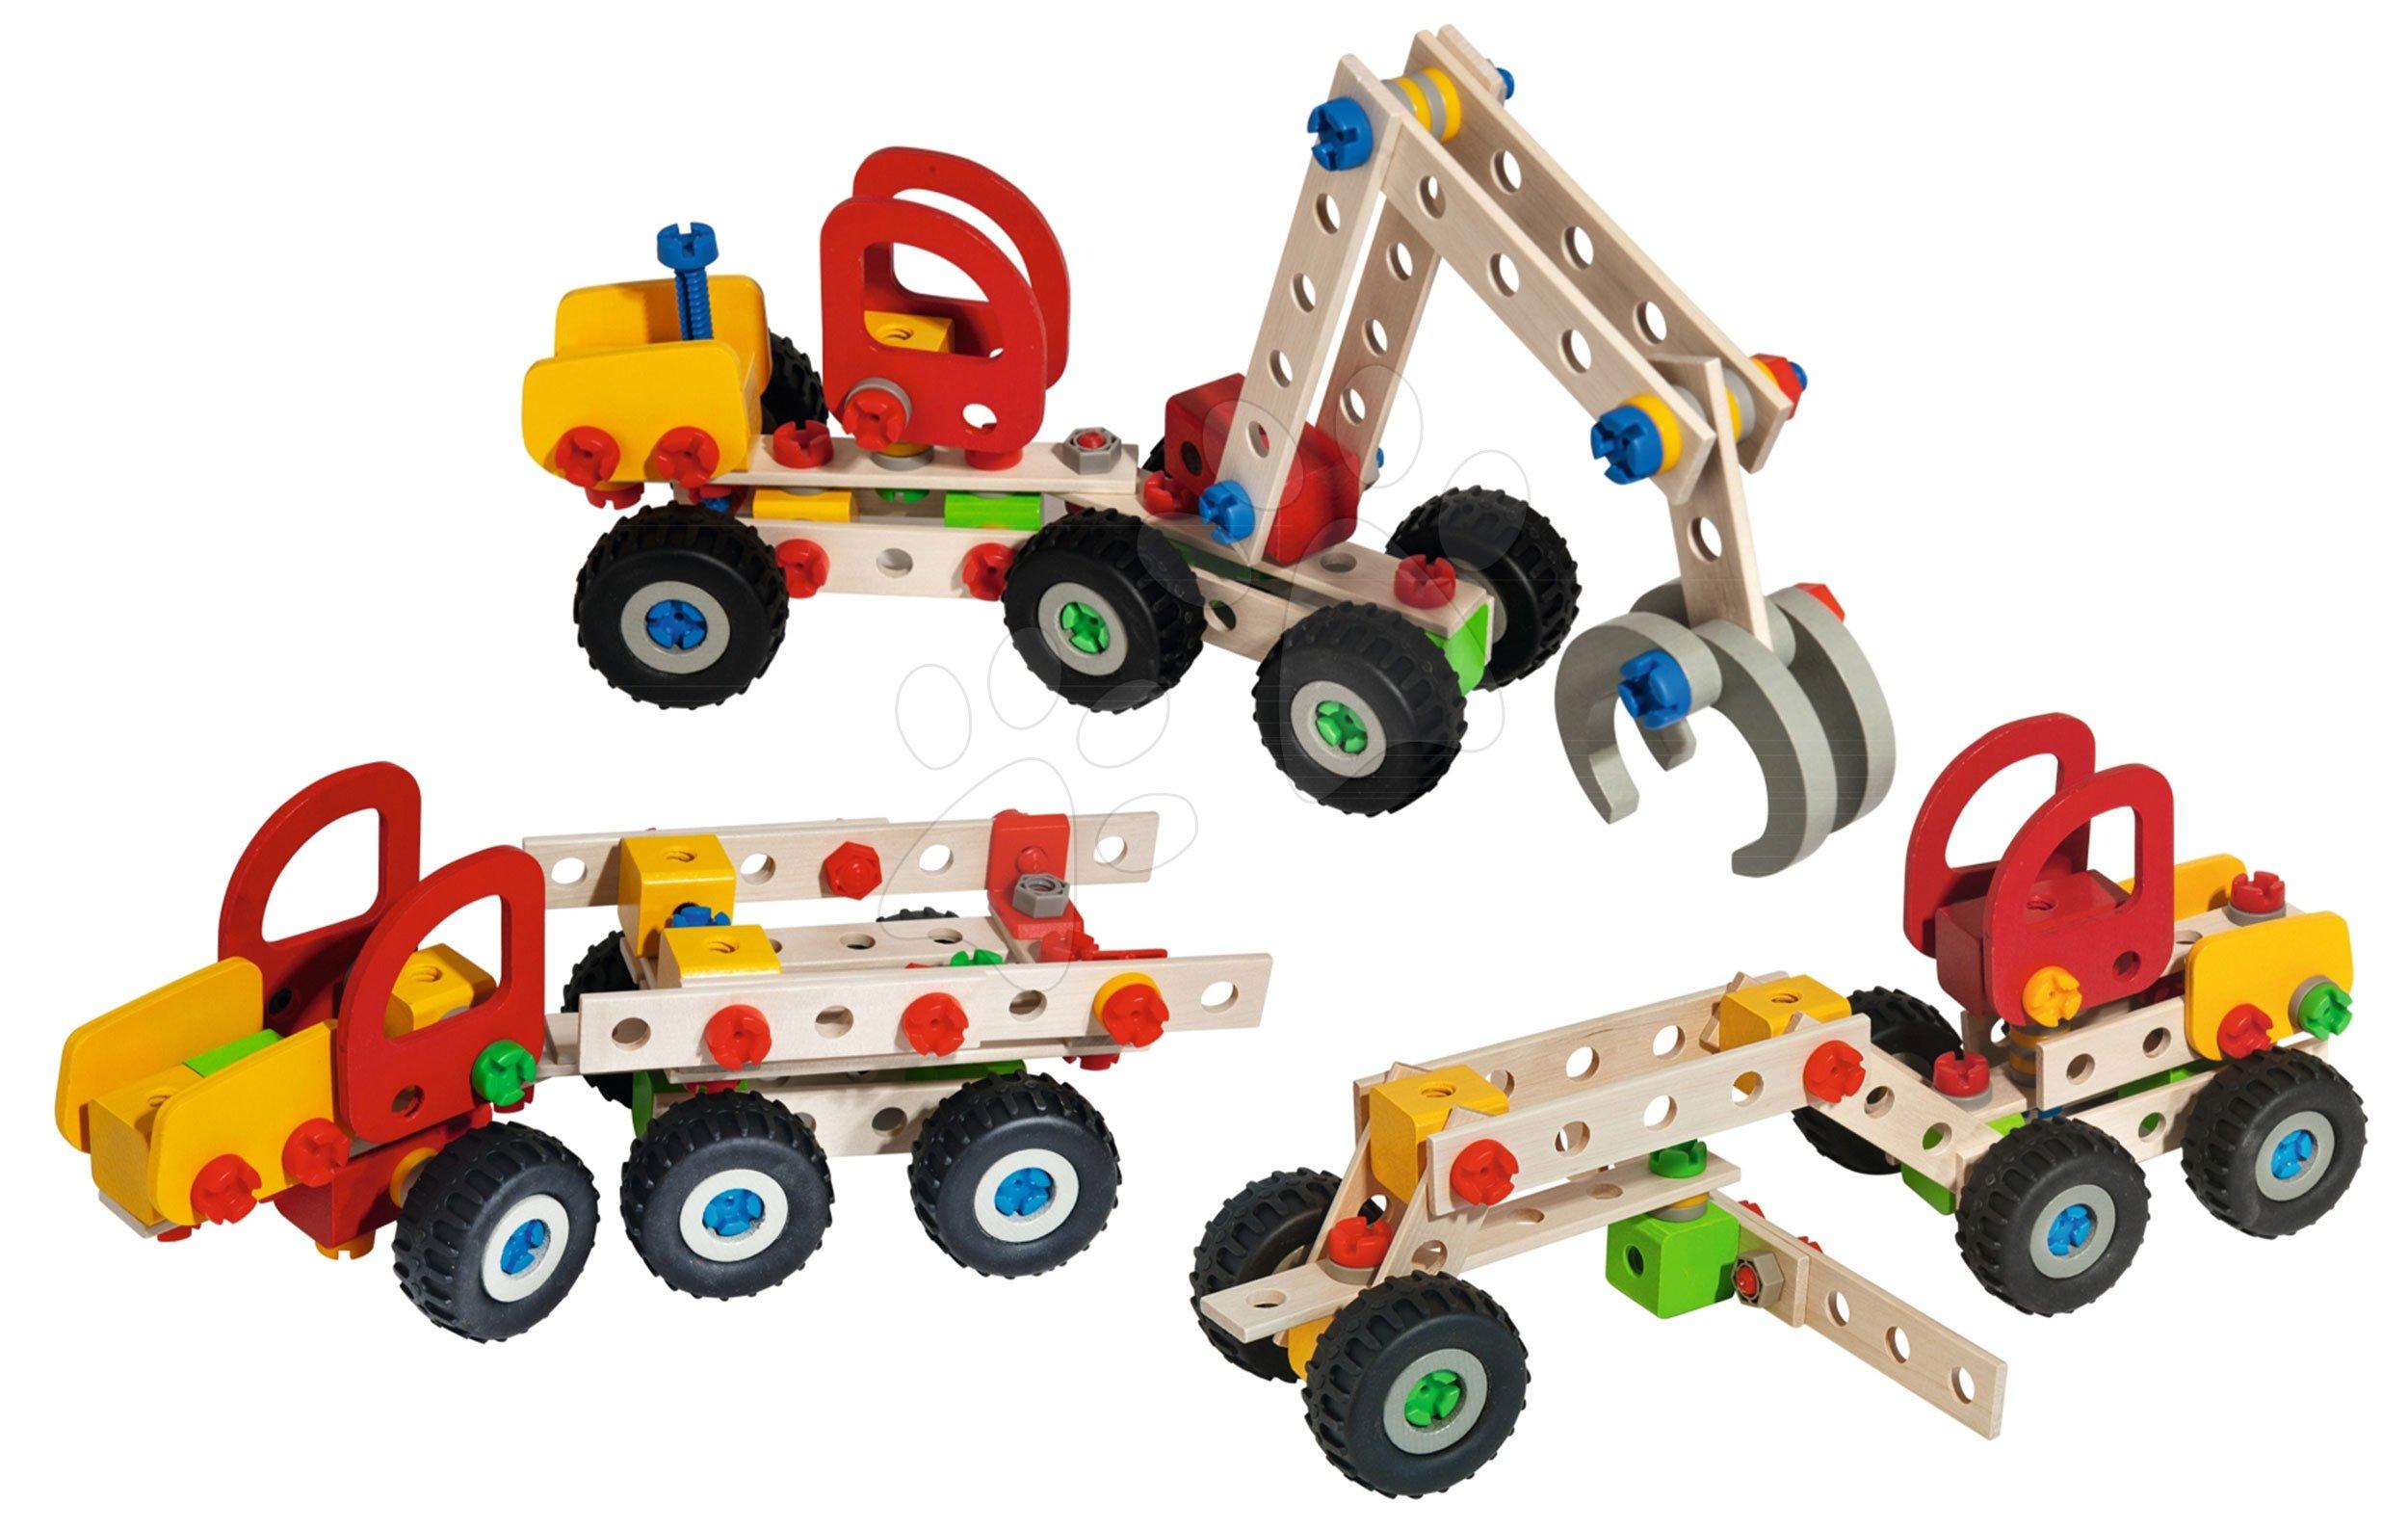 Fa építőjáték kombájn Constructor Mobile Harvester Eichhorn 3 modell (kombajn, munkagép, teherautó) 140 darabos 5 évtől